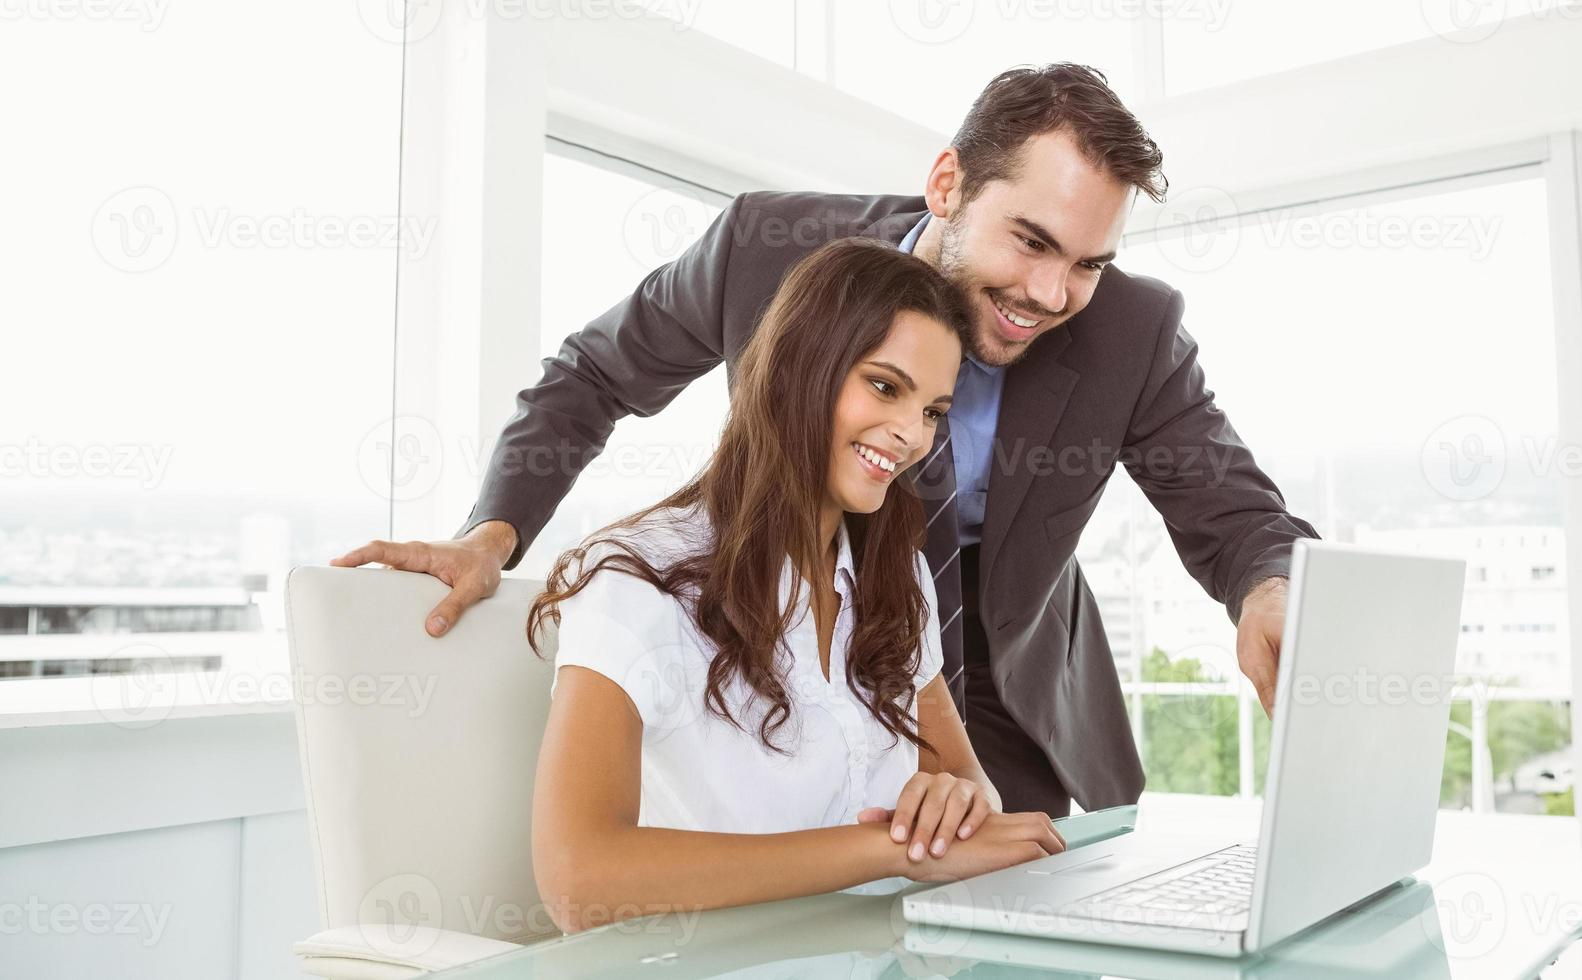 mensen uit het bedrijfsleven met behulp van laptop op kantoor foto